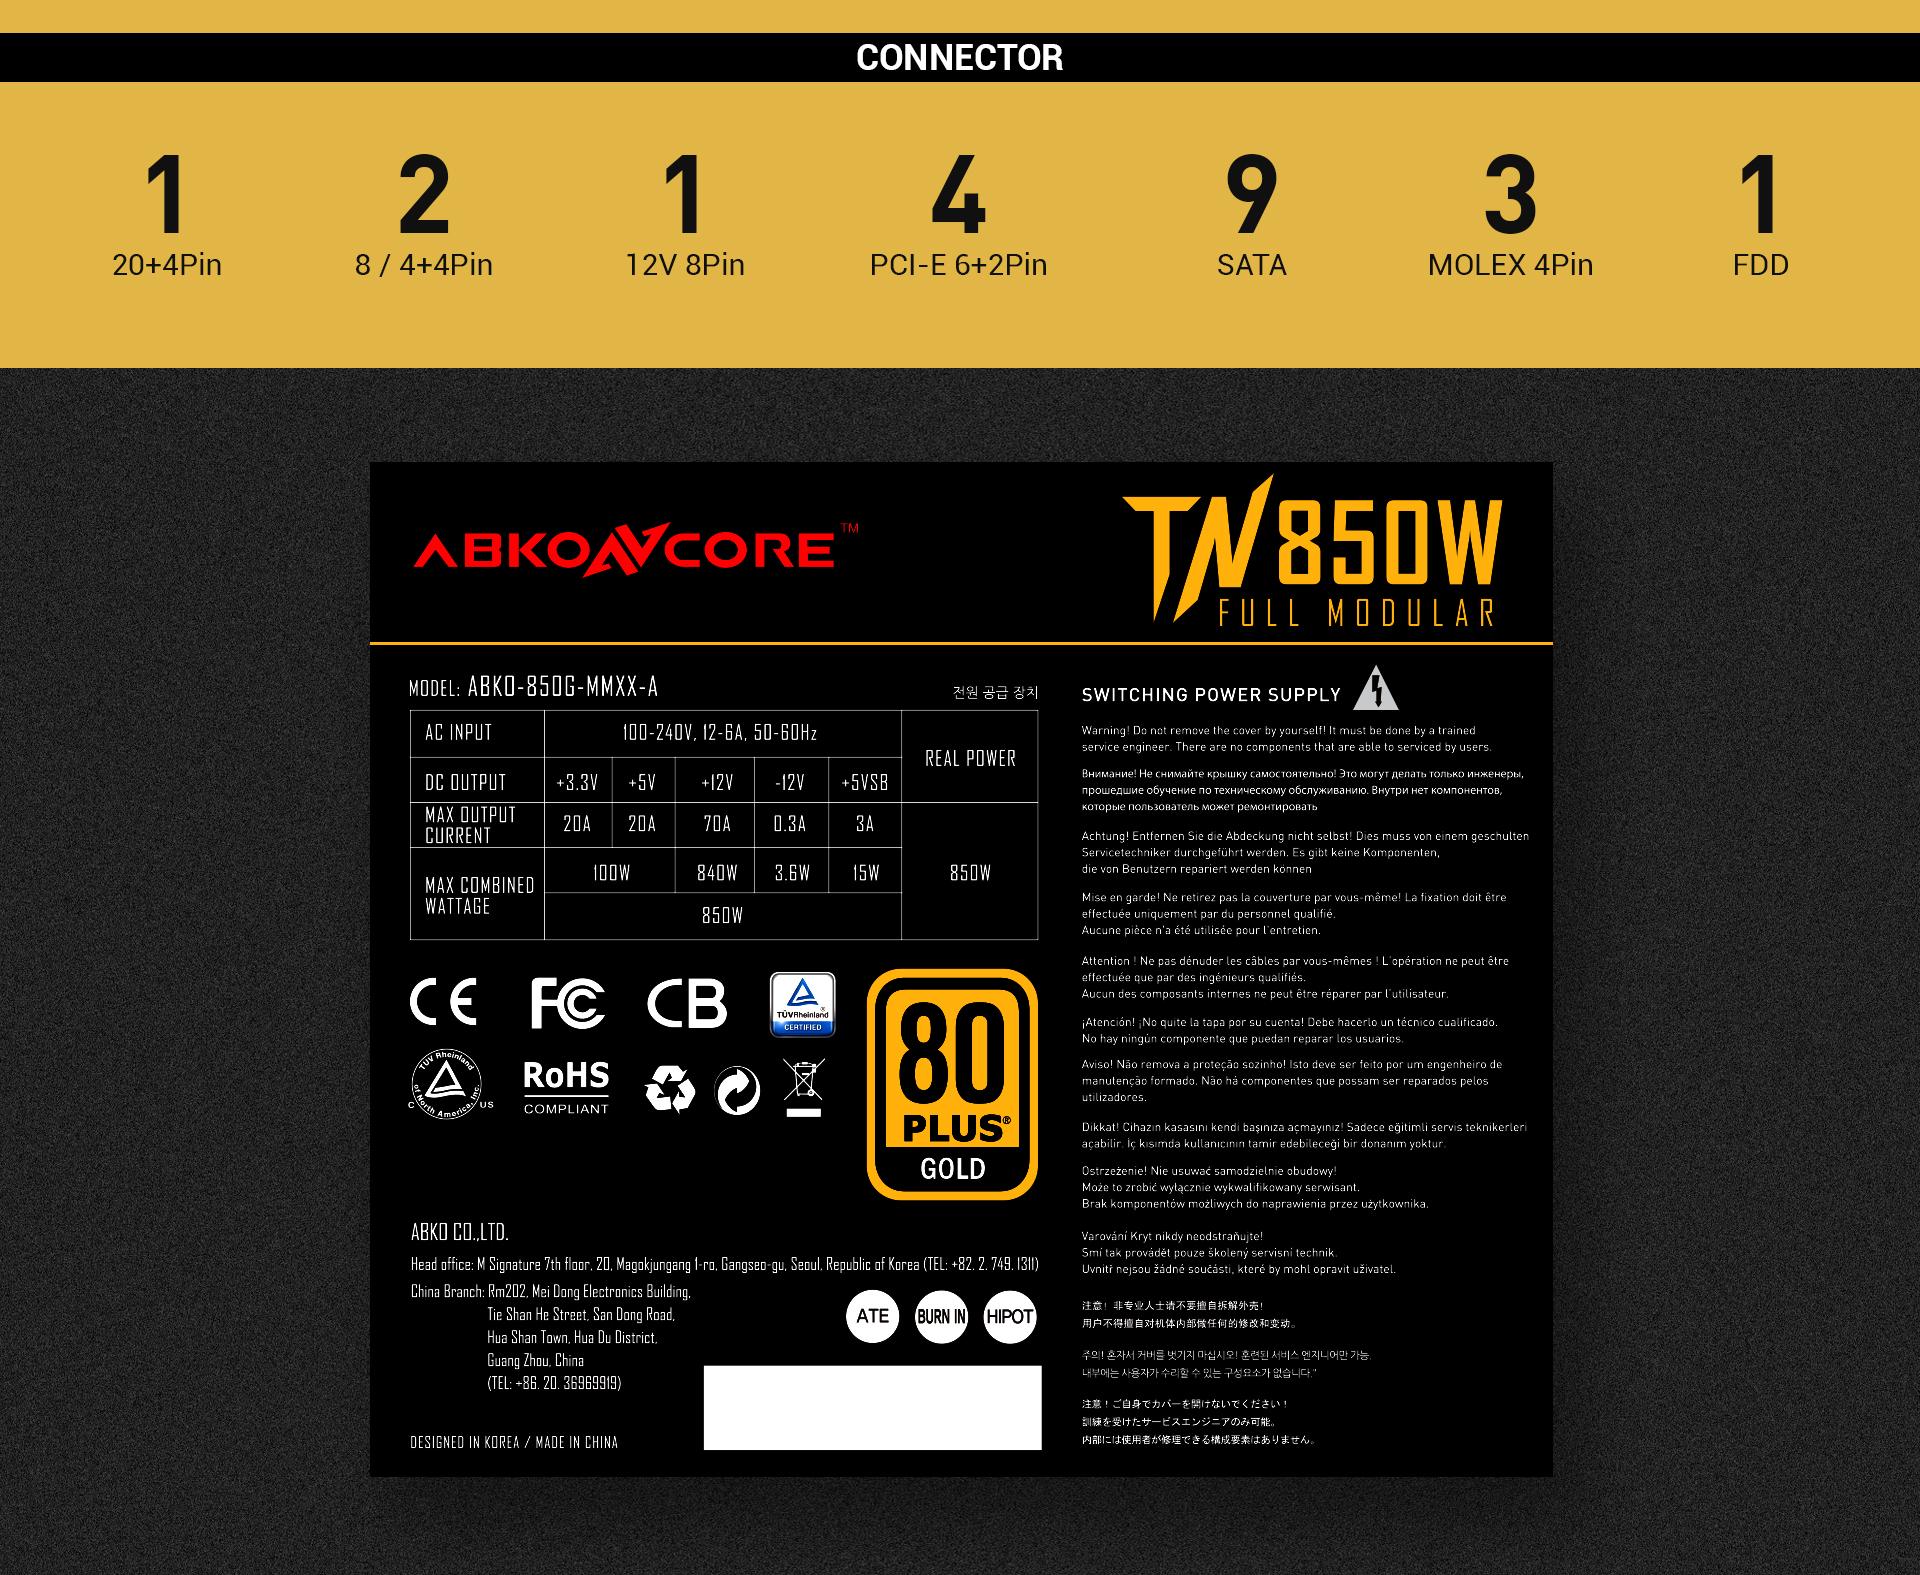 Fuente de alimentación TN850W Gold Modular imagen descripción especificaciones